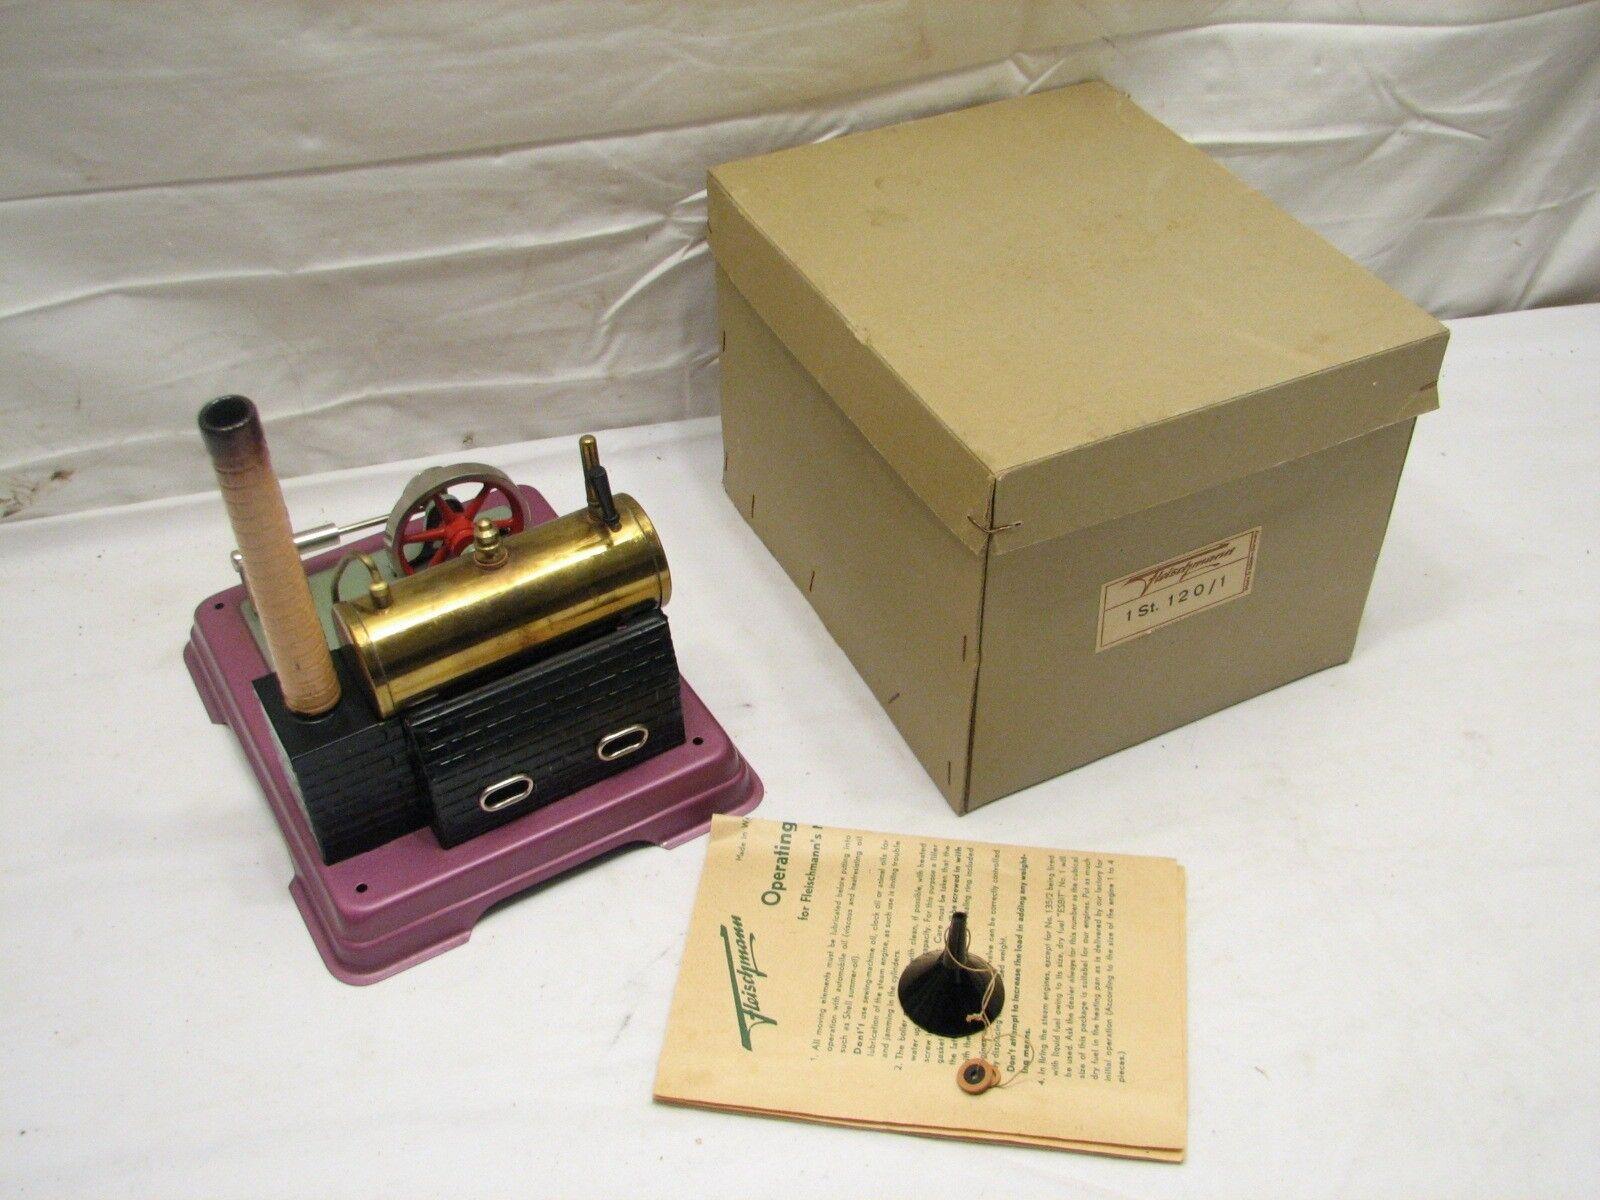 Fleischmann Burning Steam Model Engine no. 120 W. Germany Toy w Box Minty